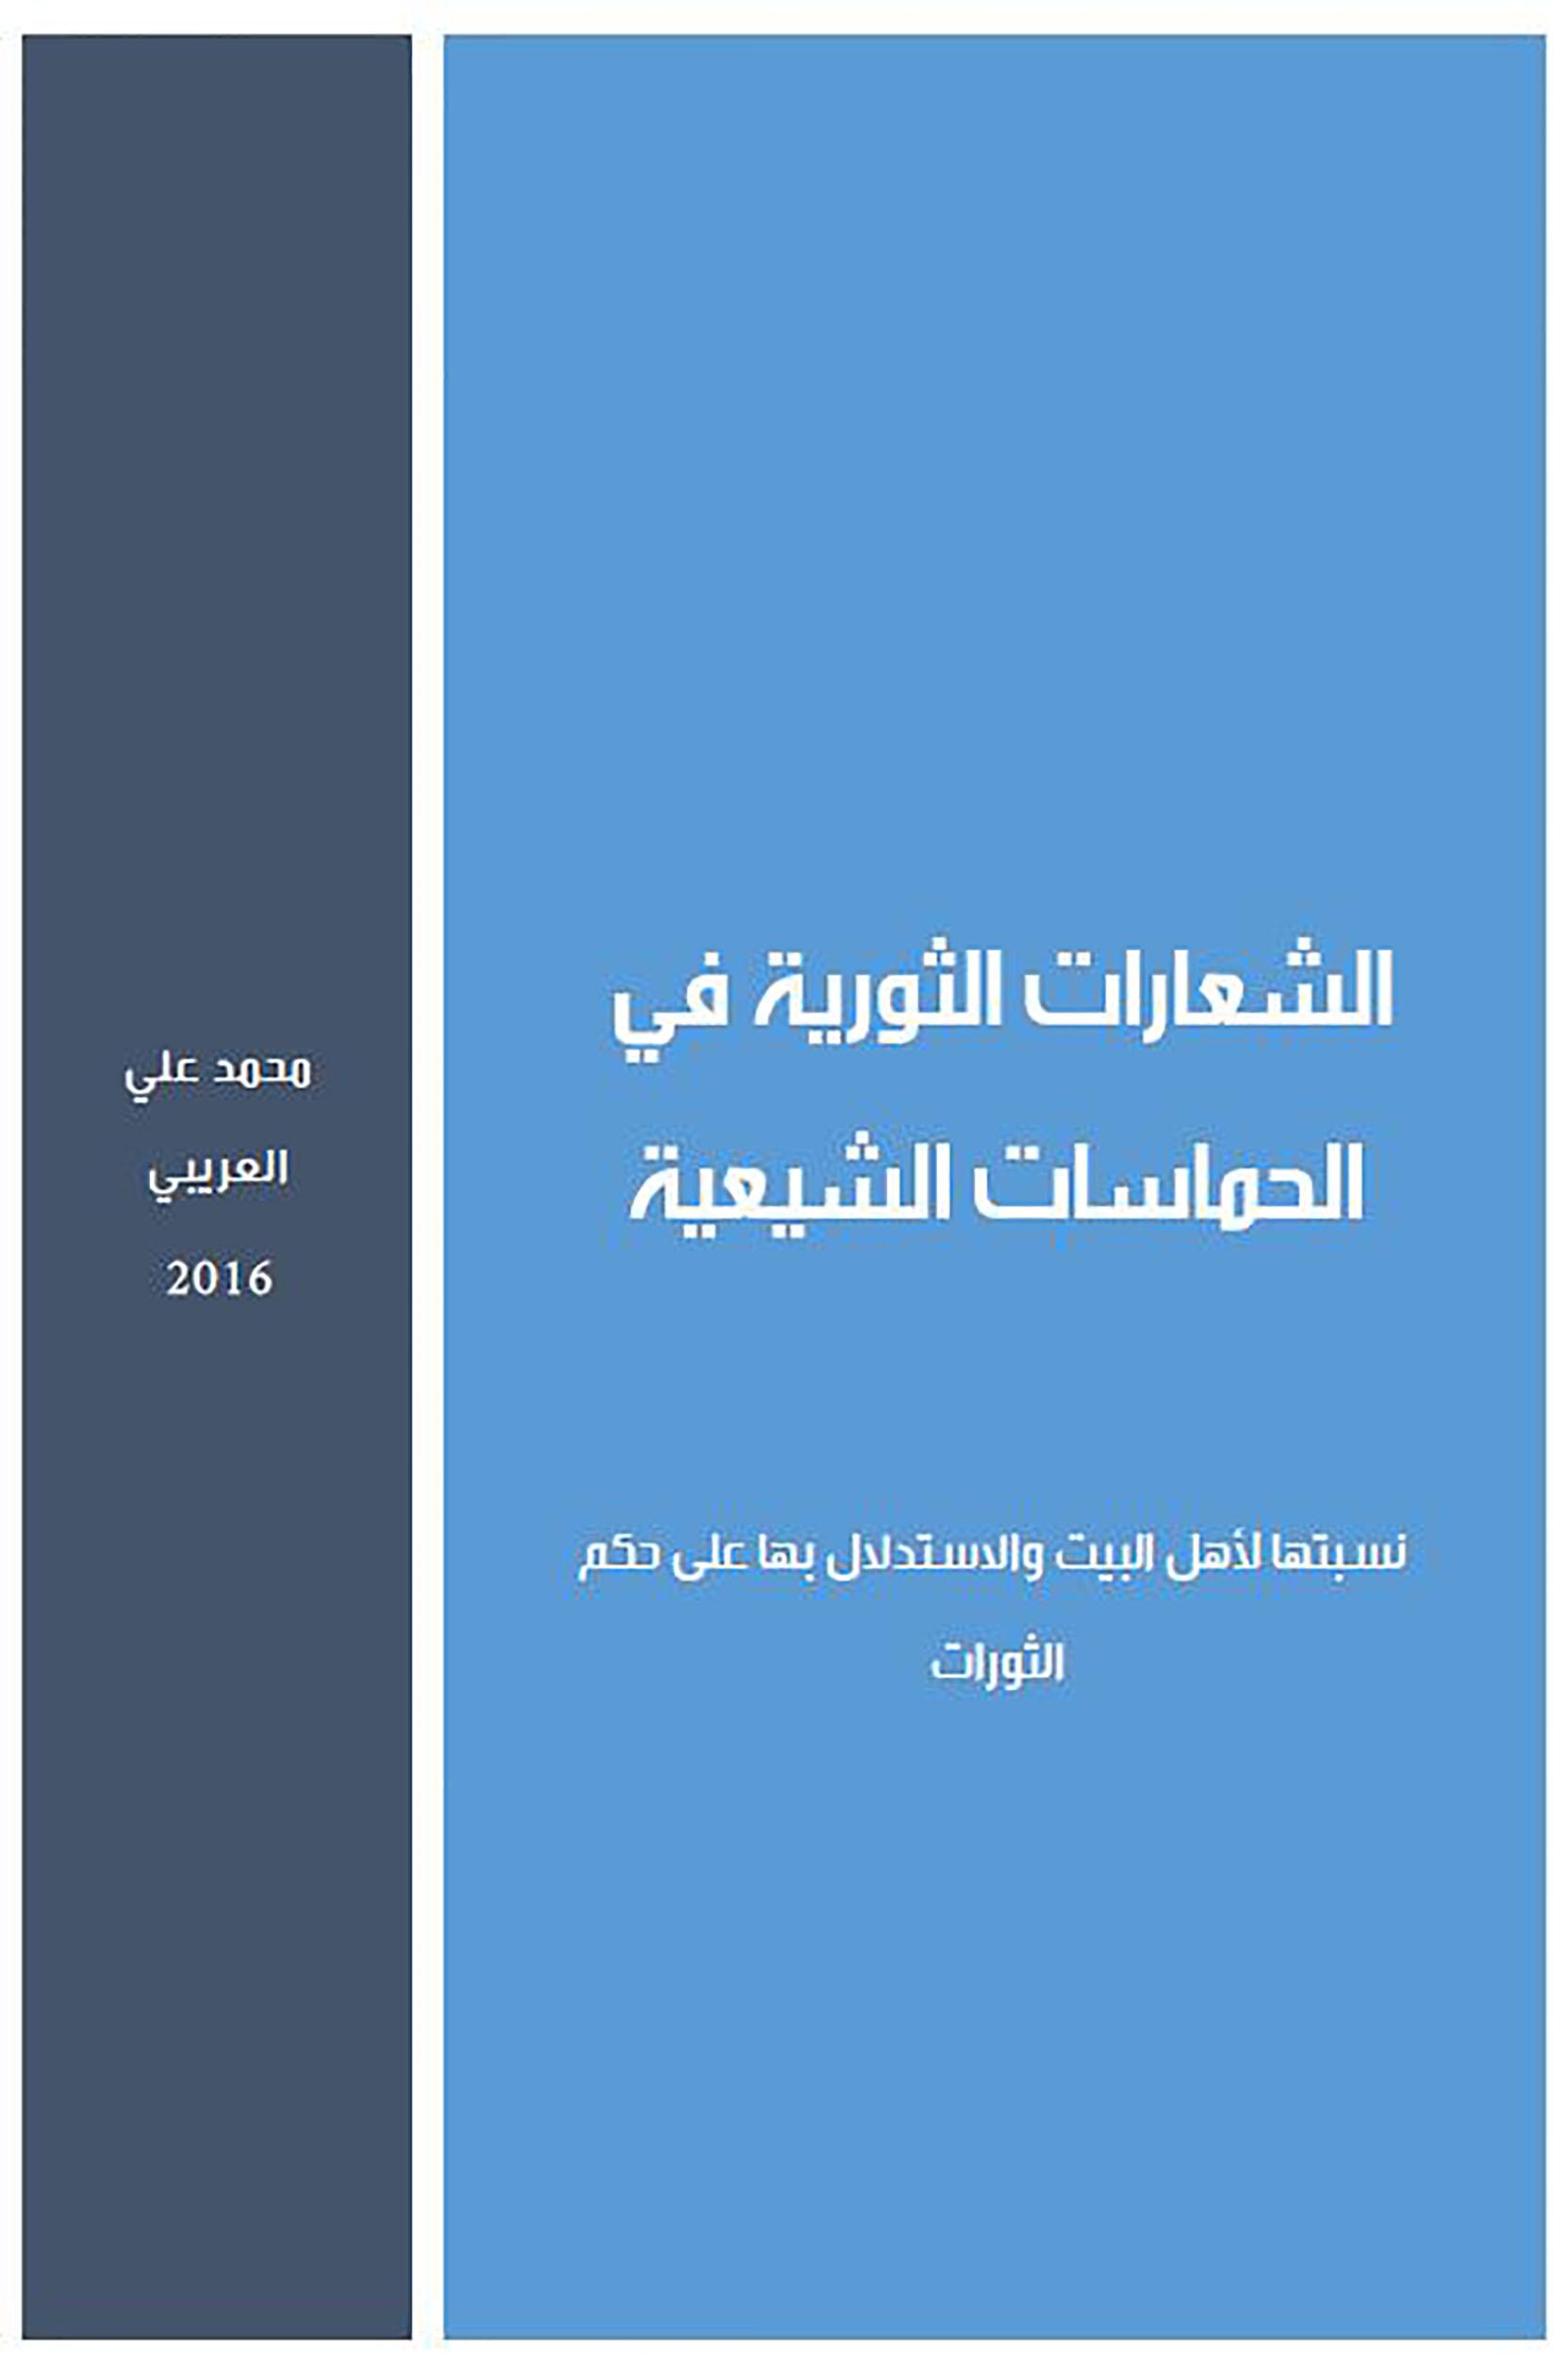 الاســـم:الشعارات الثورية في الحماسات الشيعية غلاف.JPG المشاهدات: 53 الحجـــم:153.8 كيلوبايت